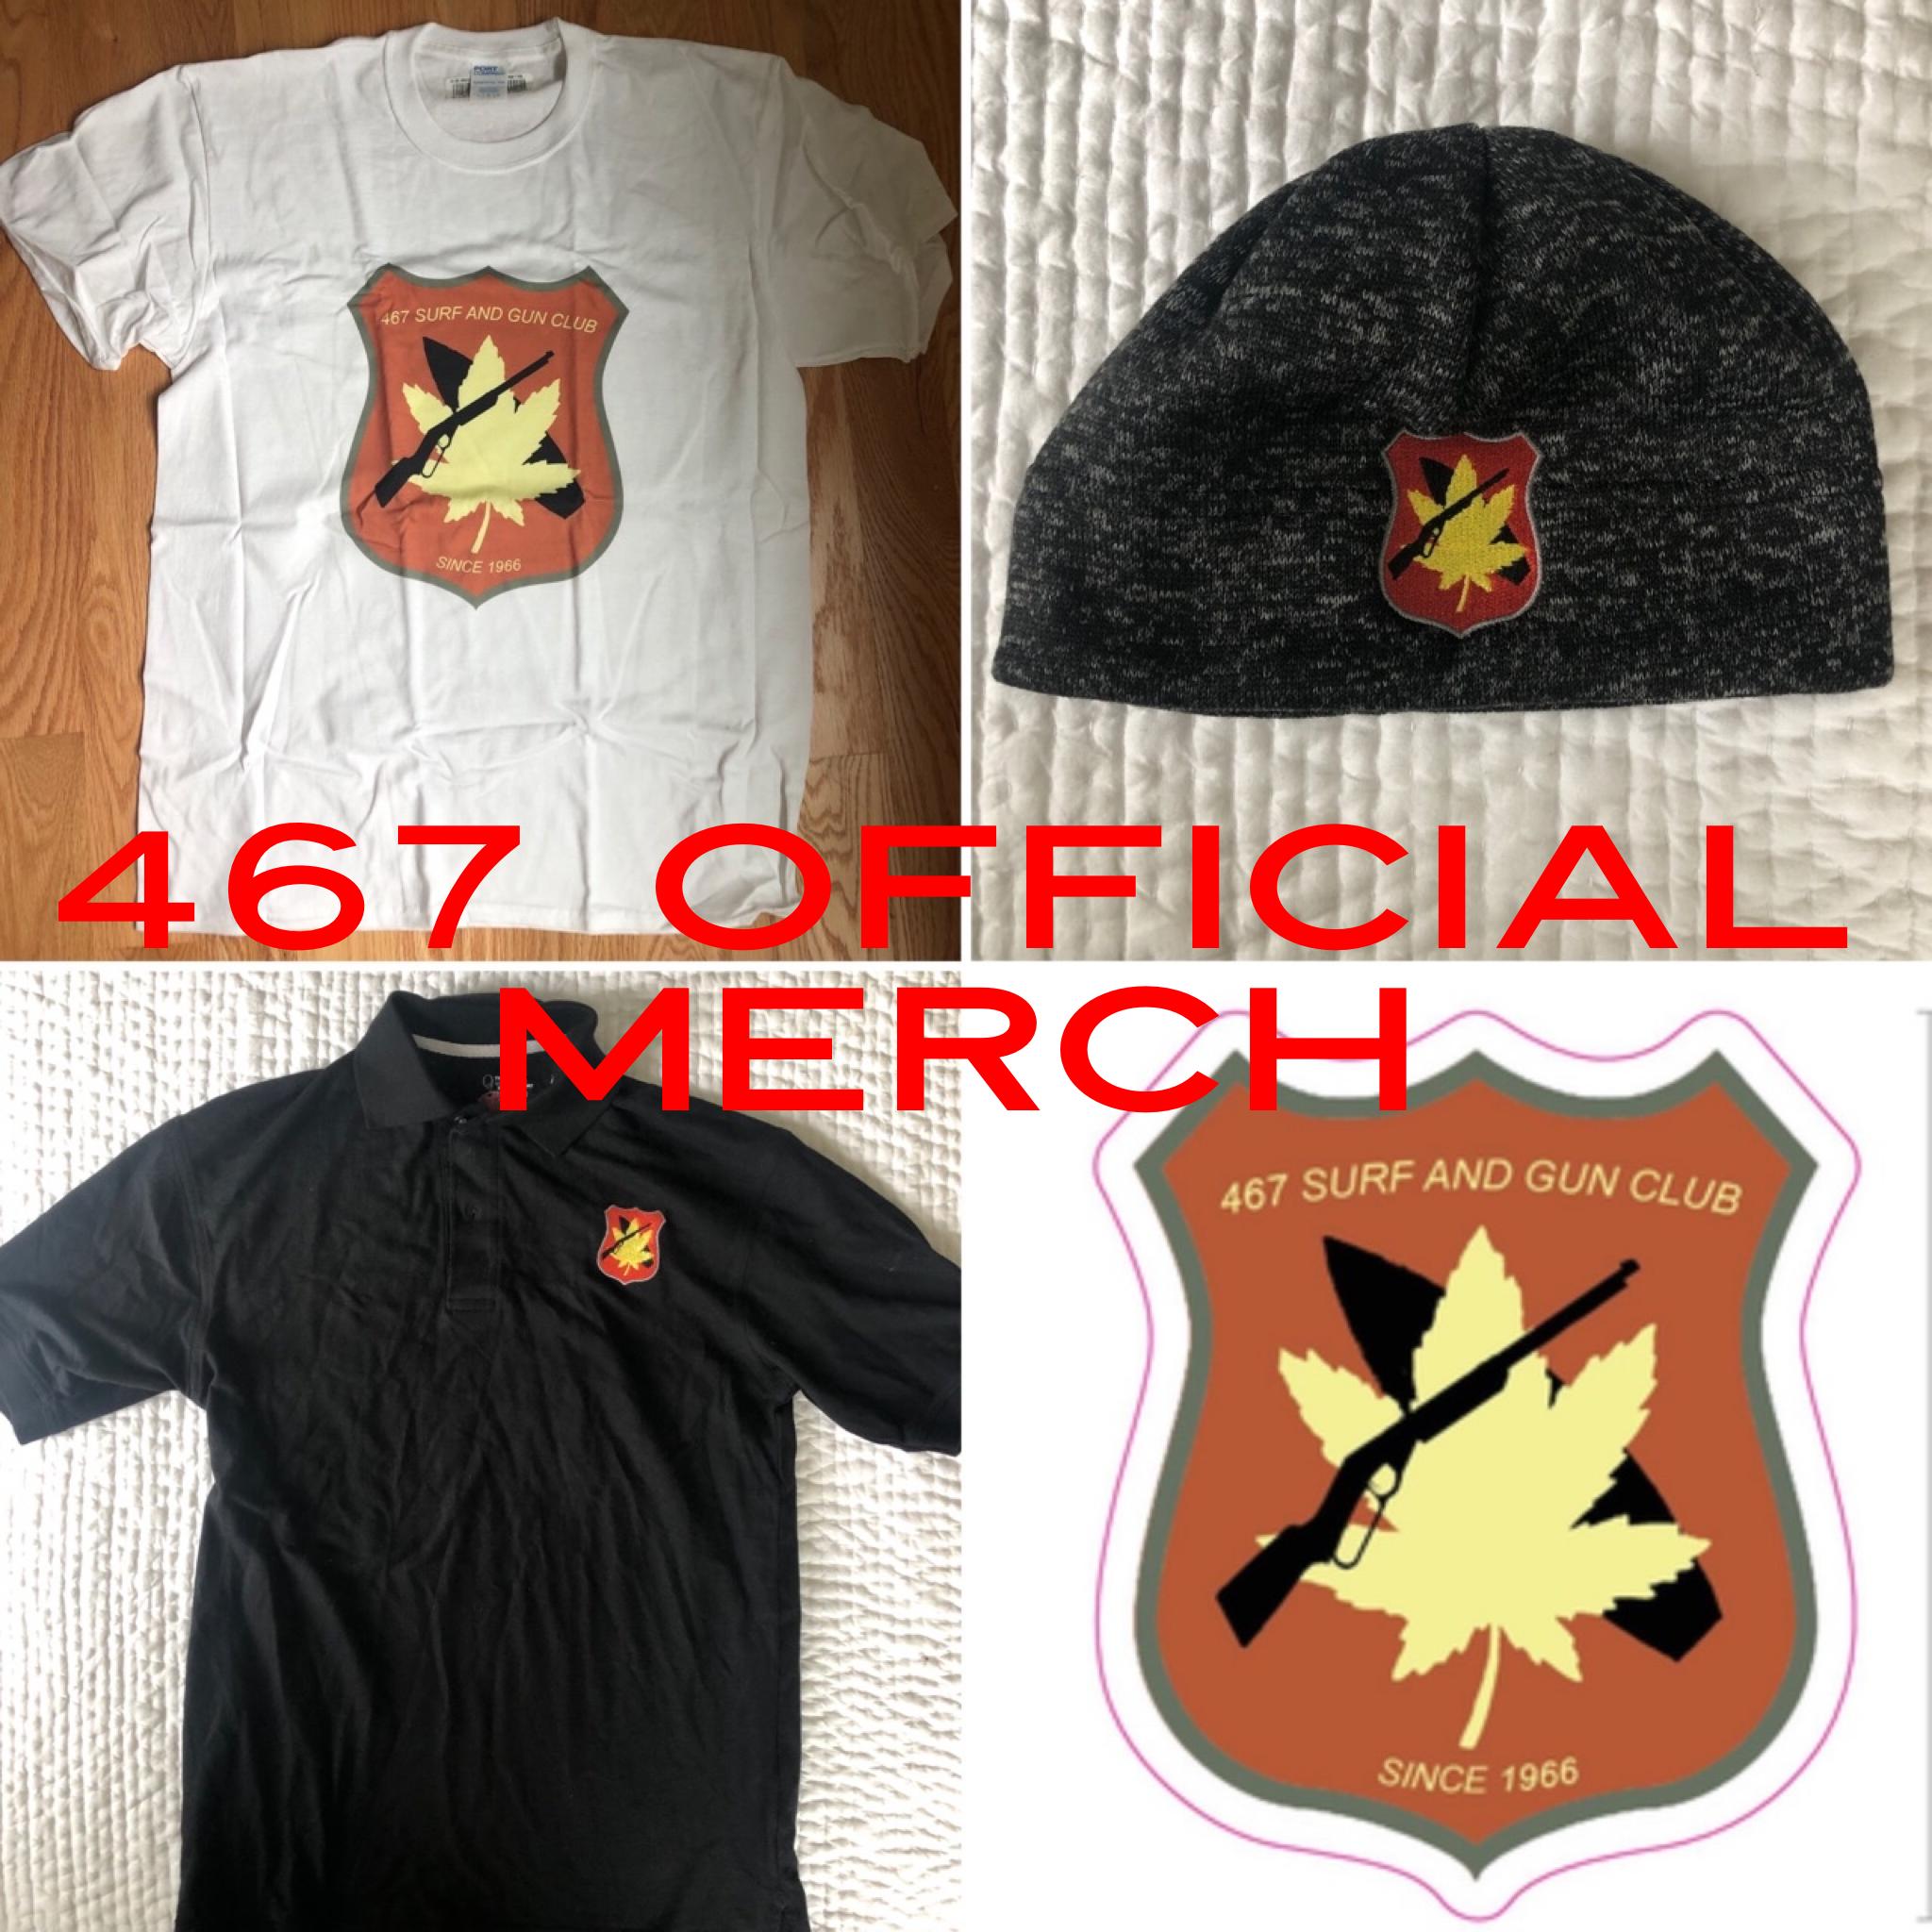 467 Surf and Gun Club OFFICIAL MERCH!